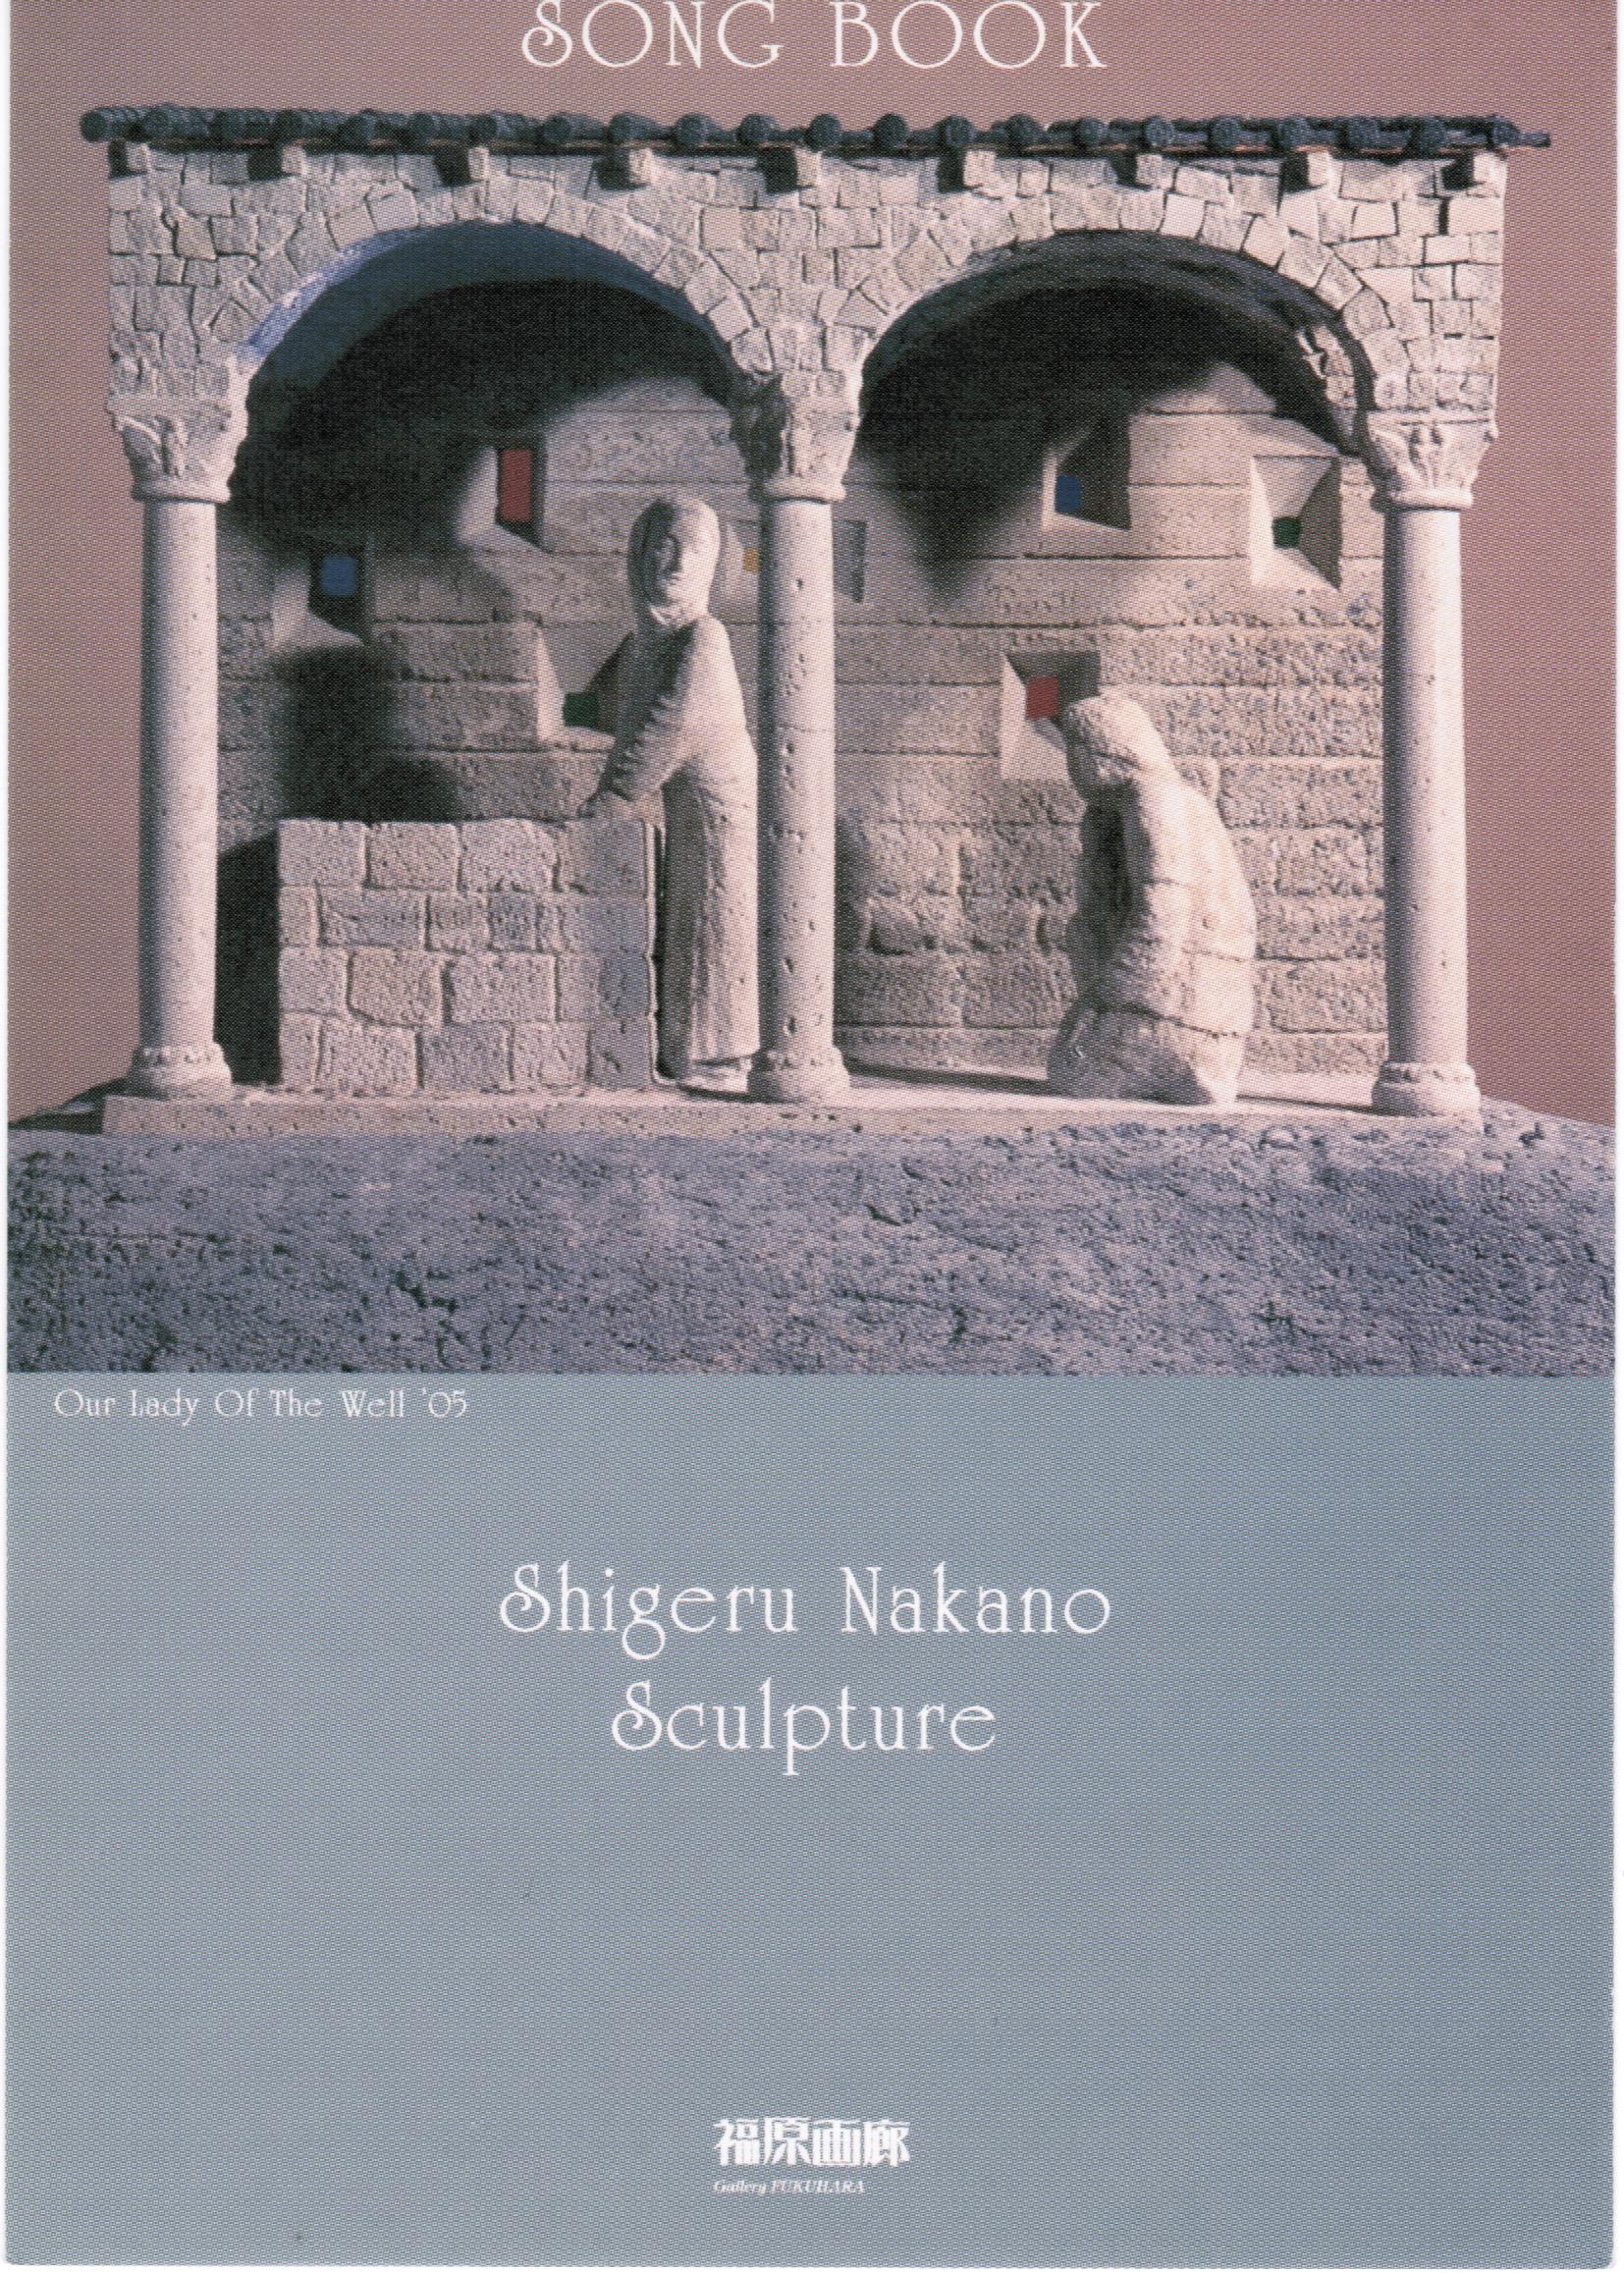 2005年 中野滋彫刻展 SONG BOOK